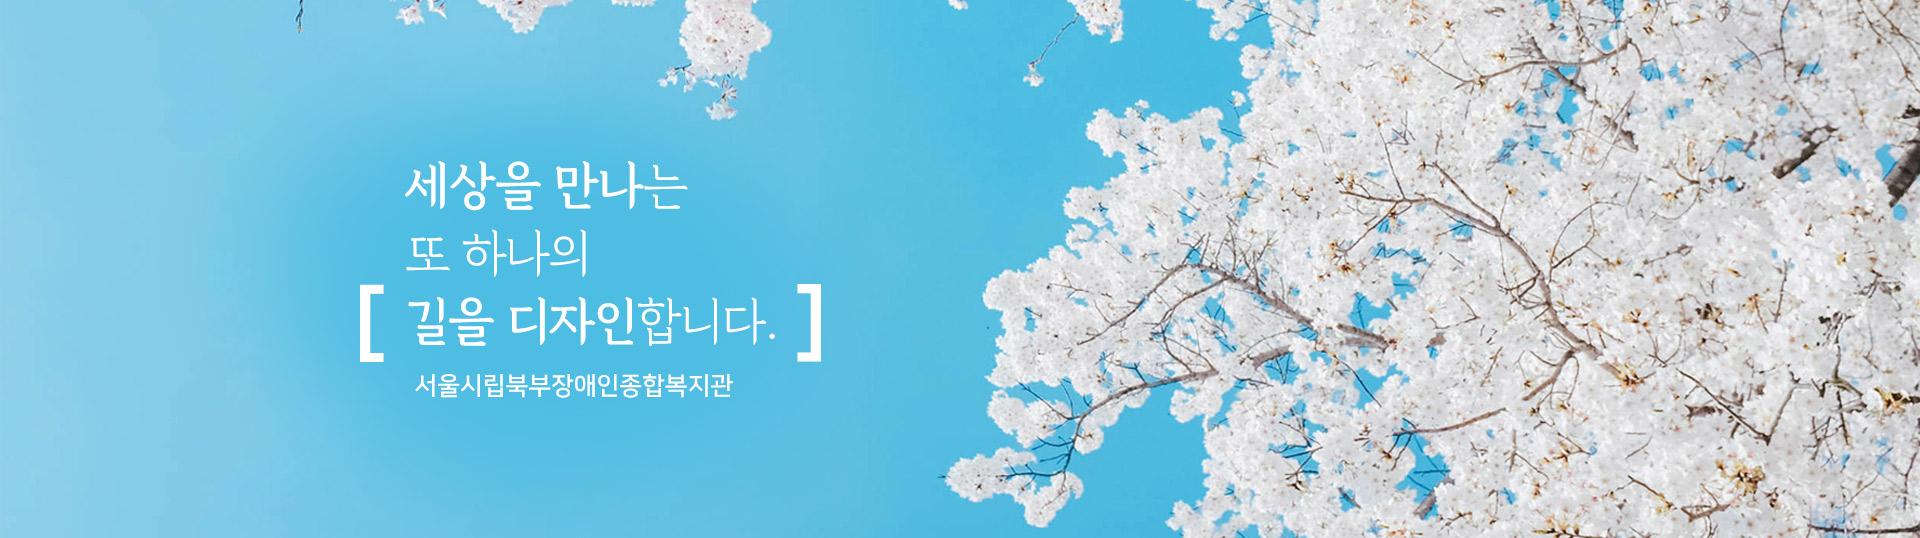 세상을 만나는 또 하나의 길을 디자인 합니다. 서울시립북부장애인종합복지관